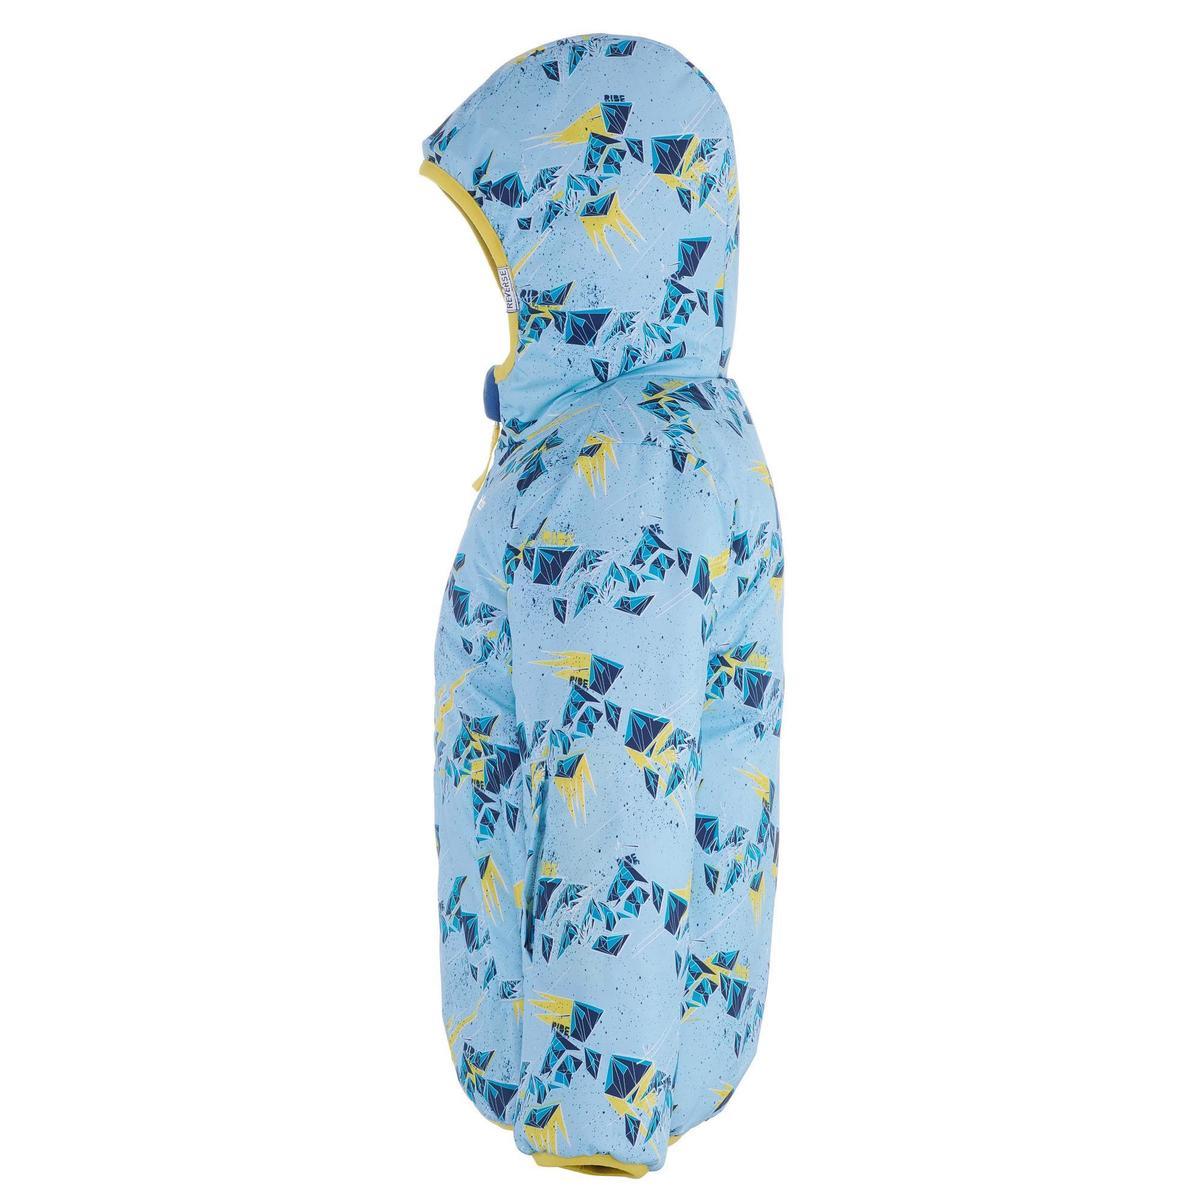 Bild 5 von Skijacke Piste100 warm wendbar Kleinkinder blau